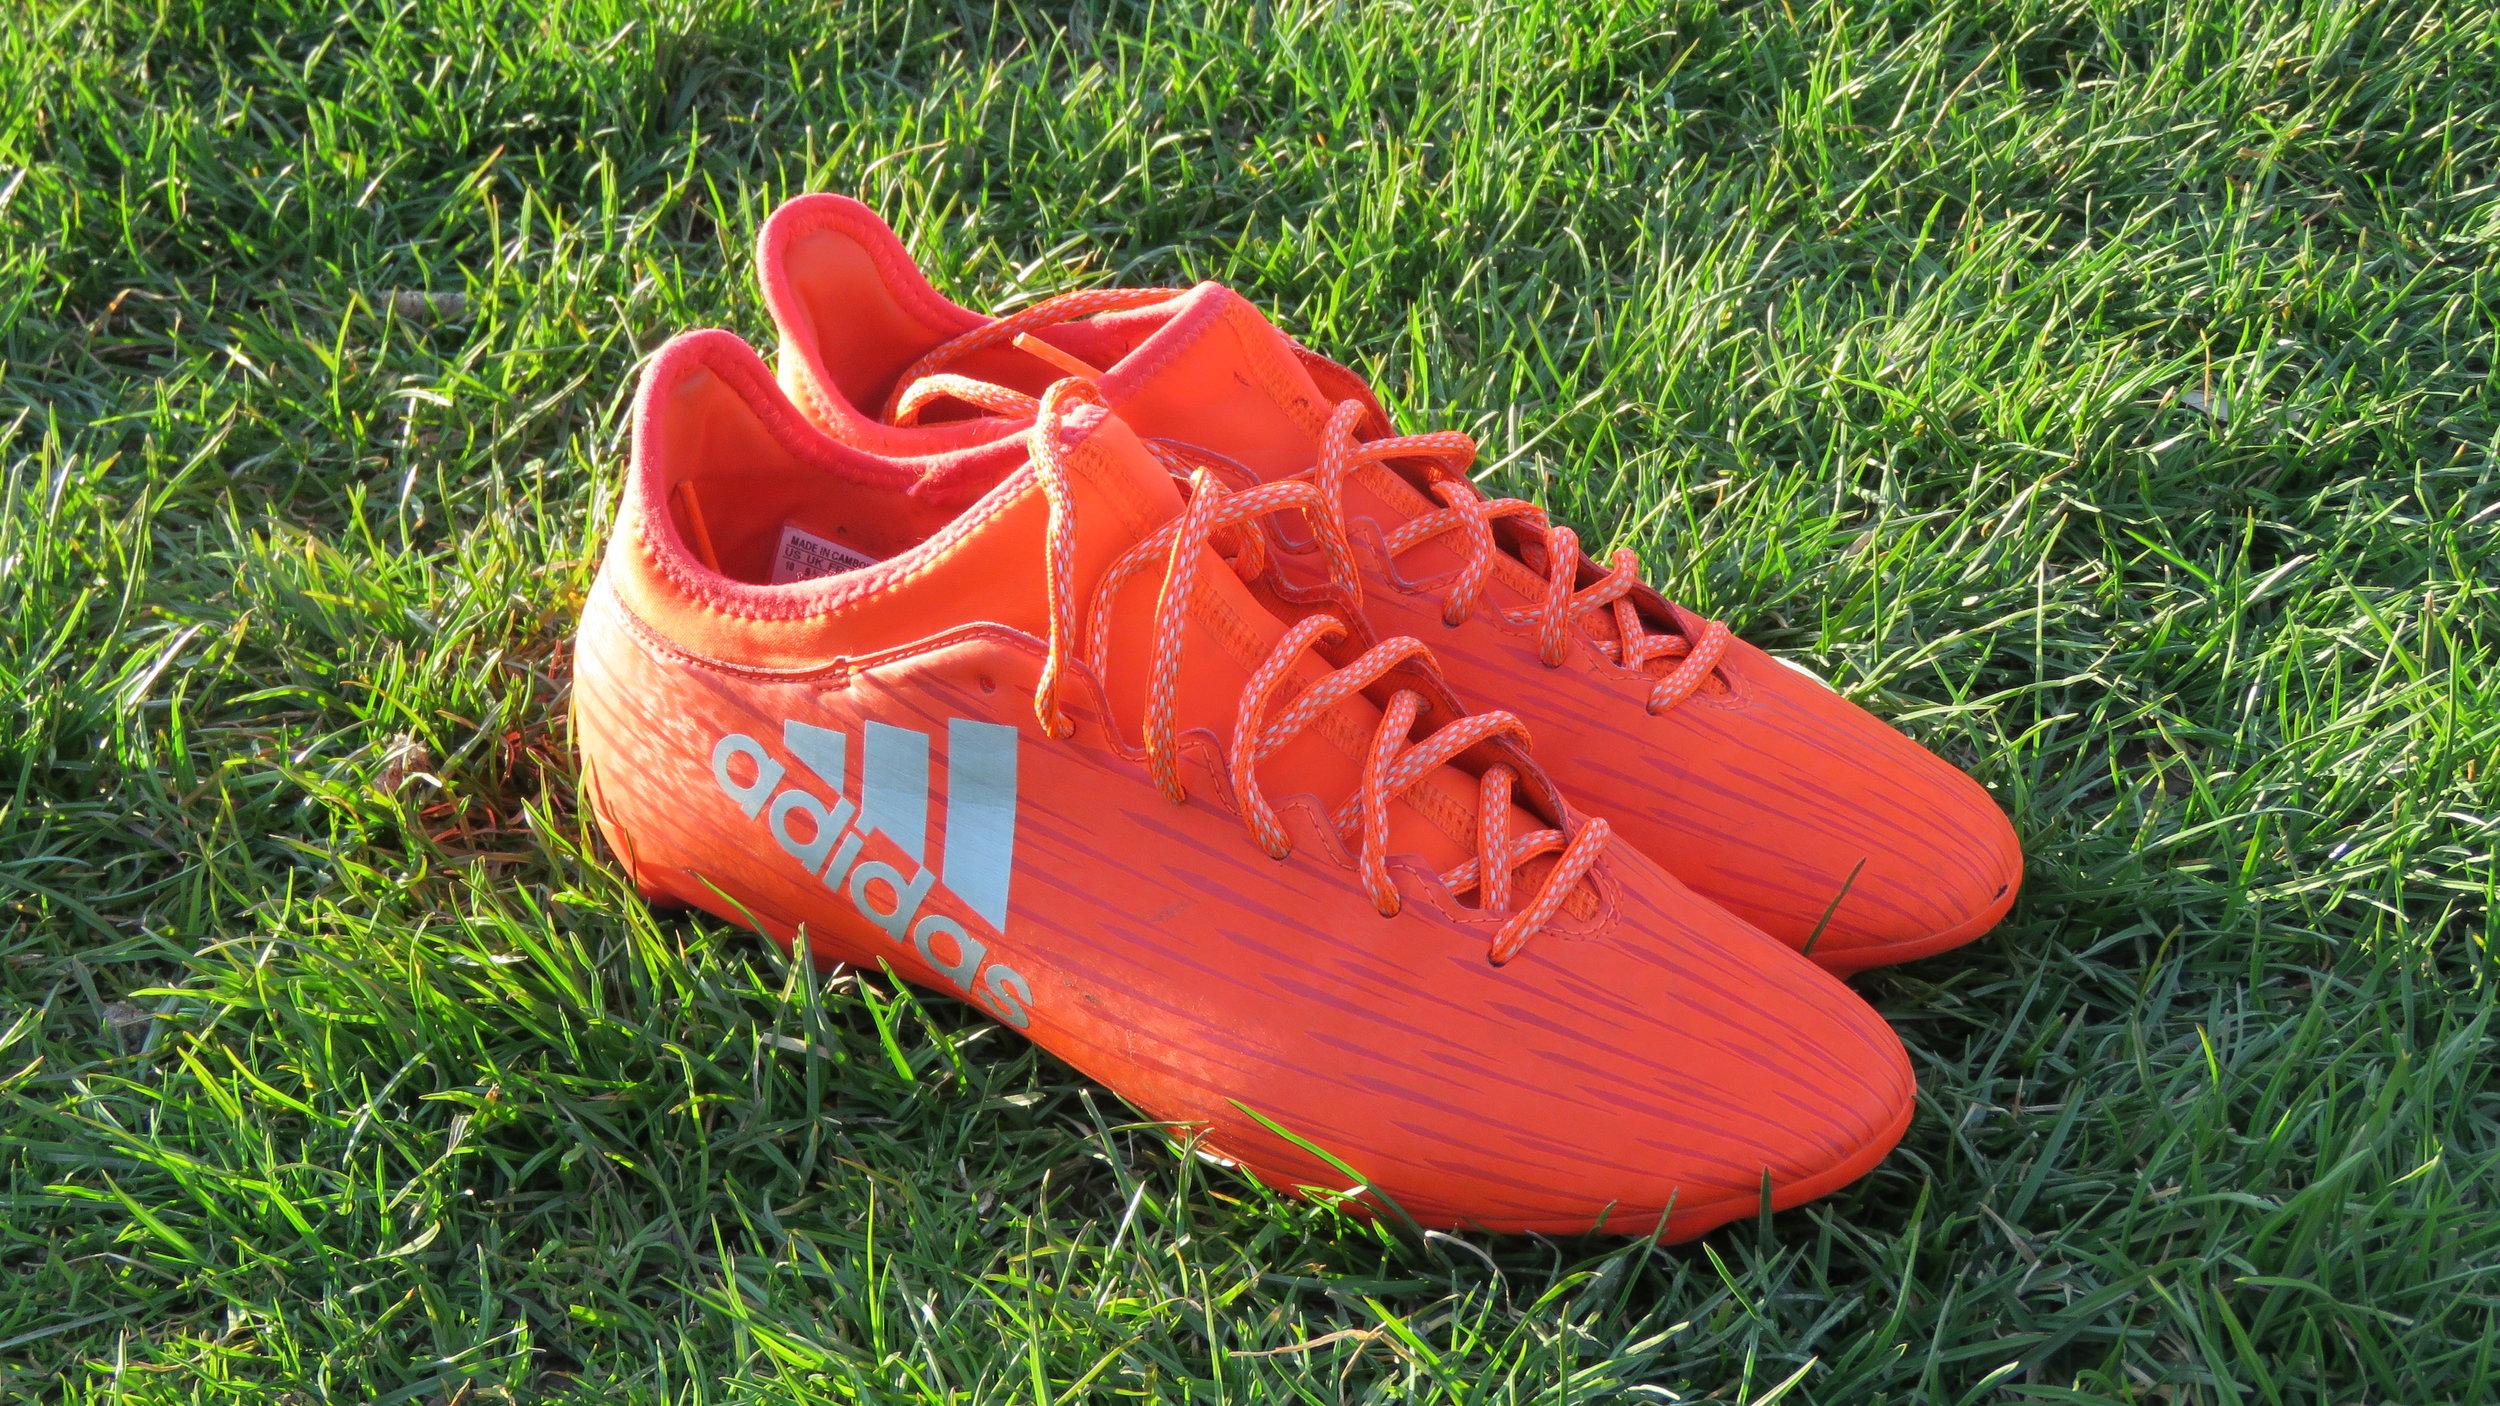 Adidas X 16.3 FG.